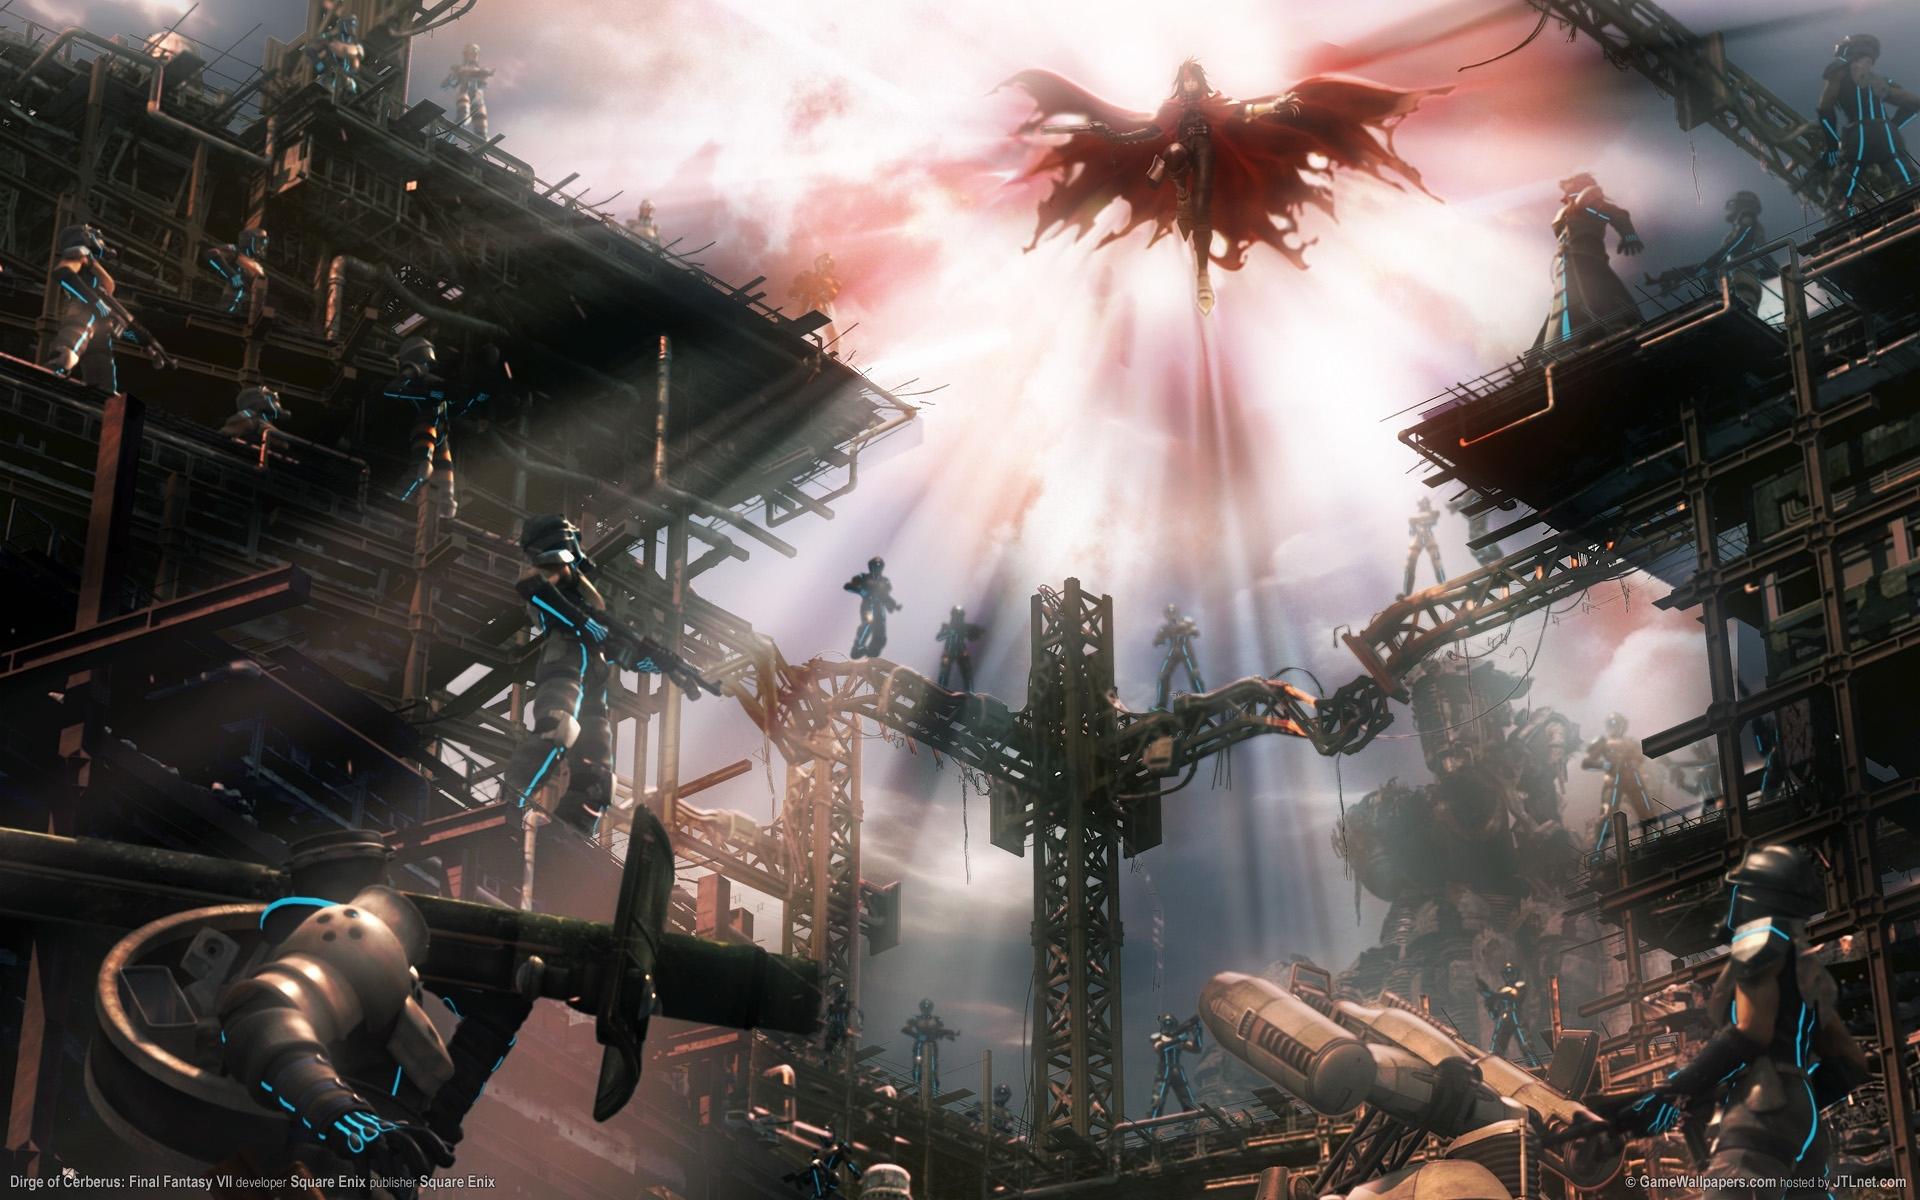 7097 Hintergrundbild herunterladen Spiele, Final Fantasy - Bildschirmschoner und Bilder kostenlos